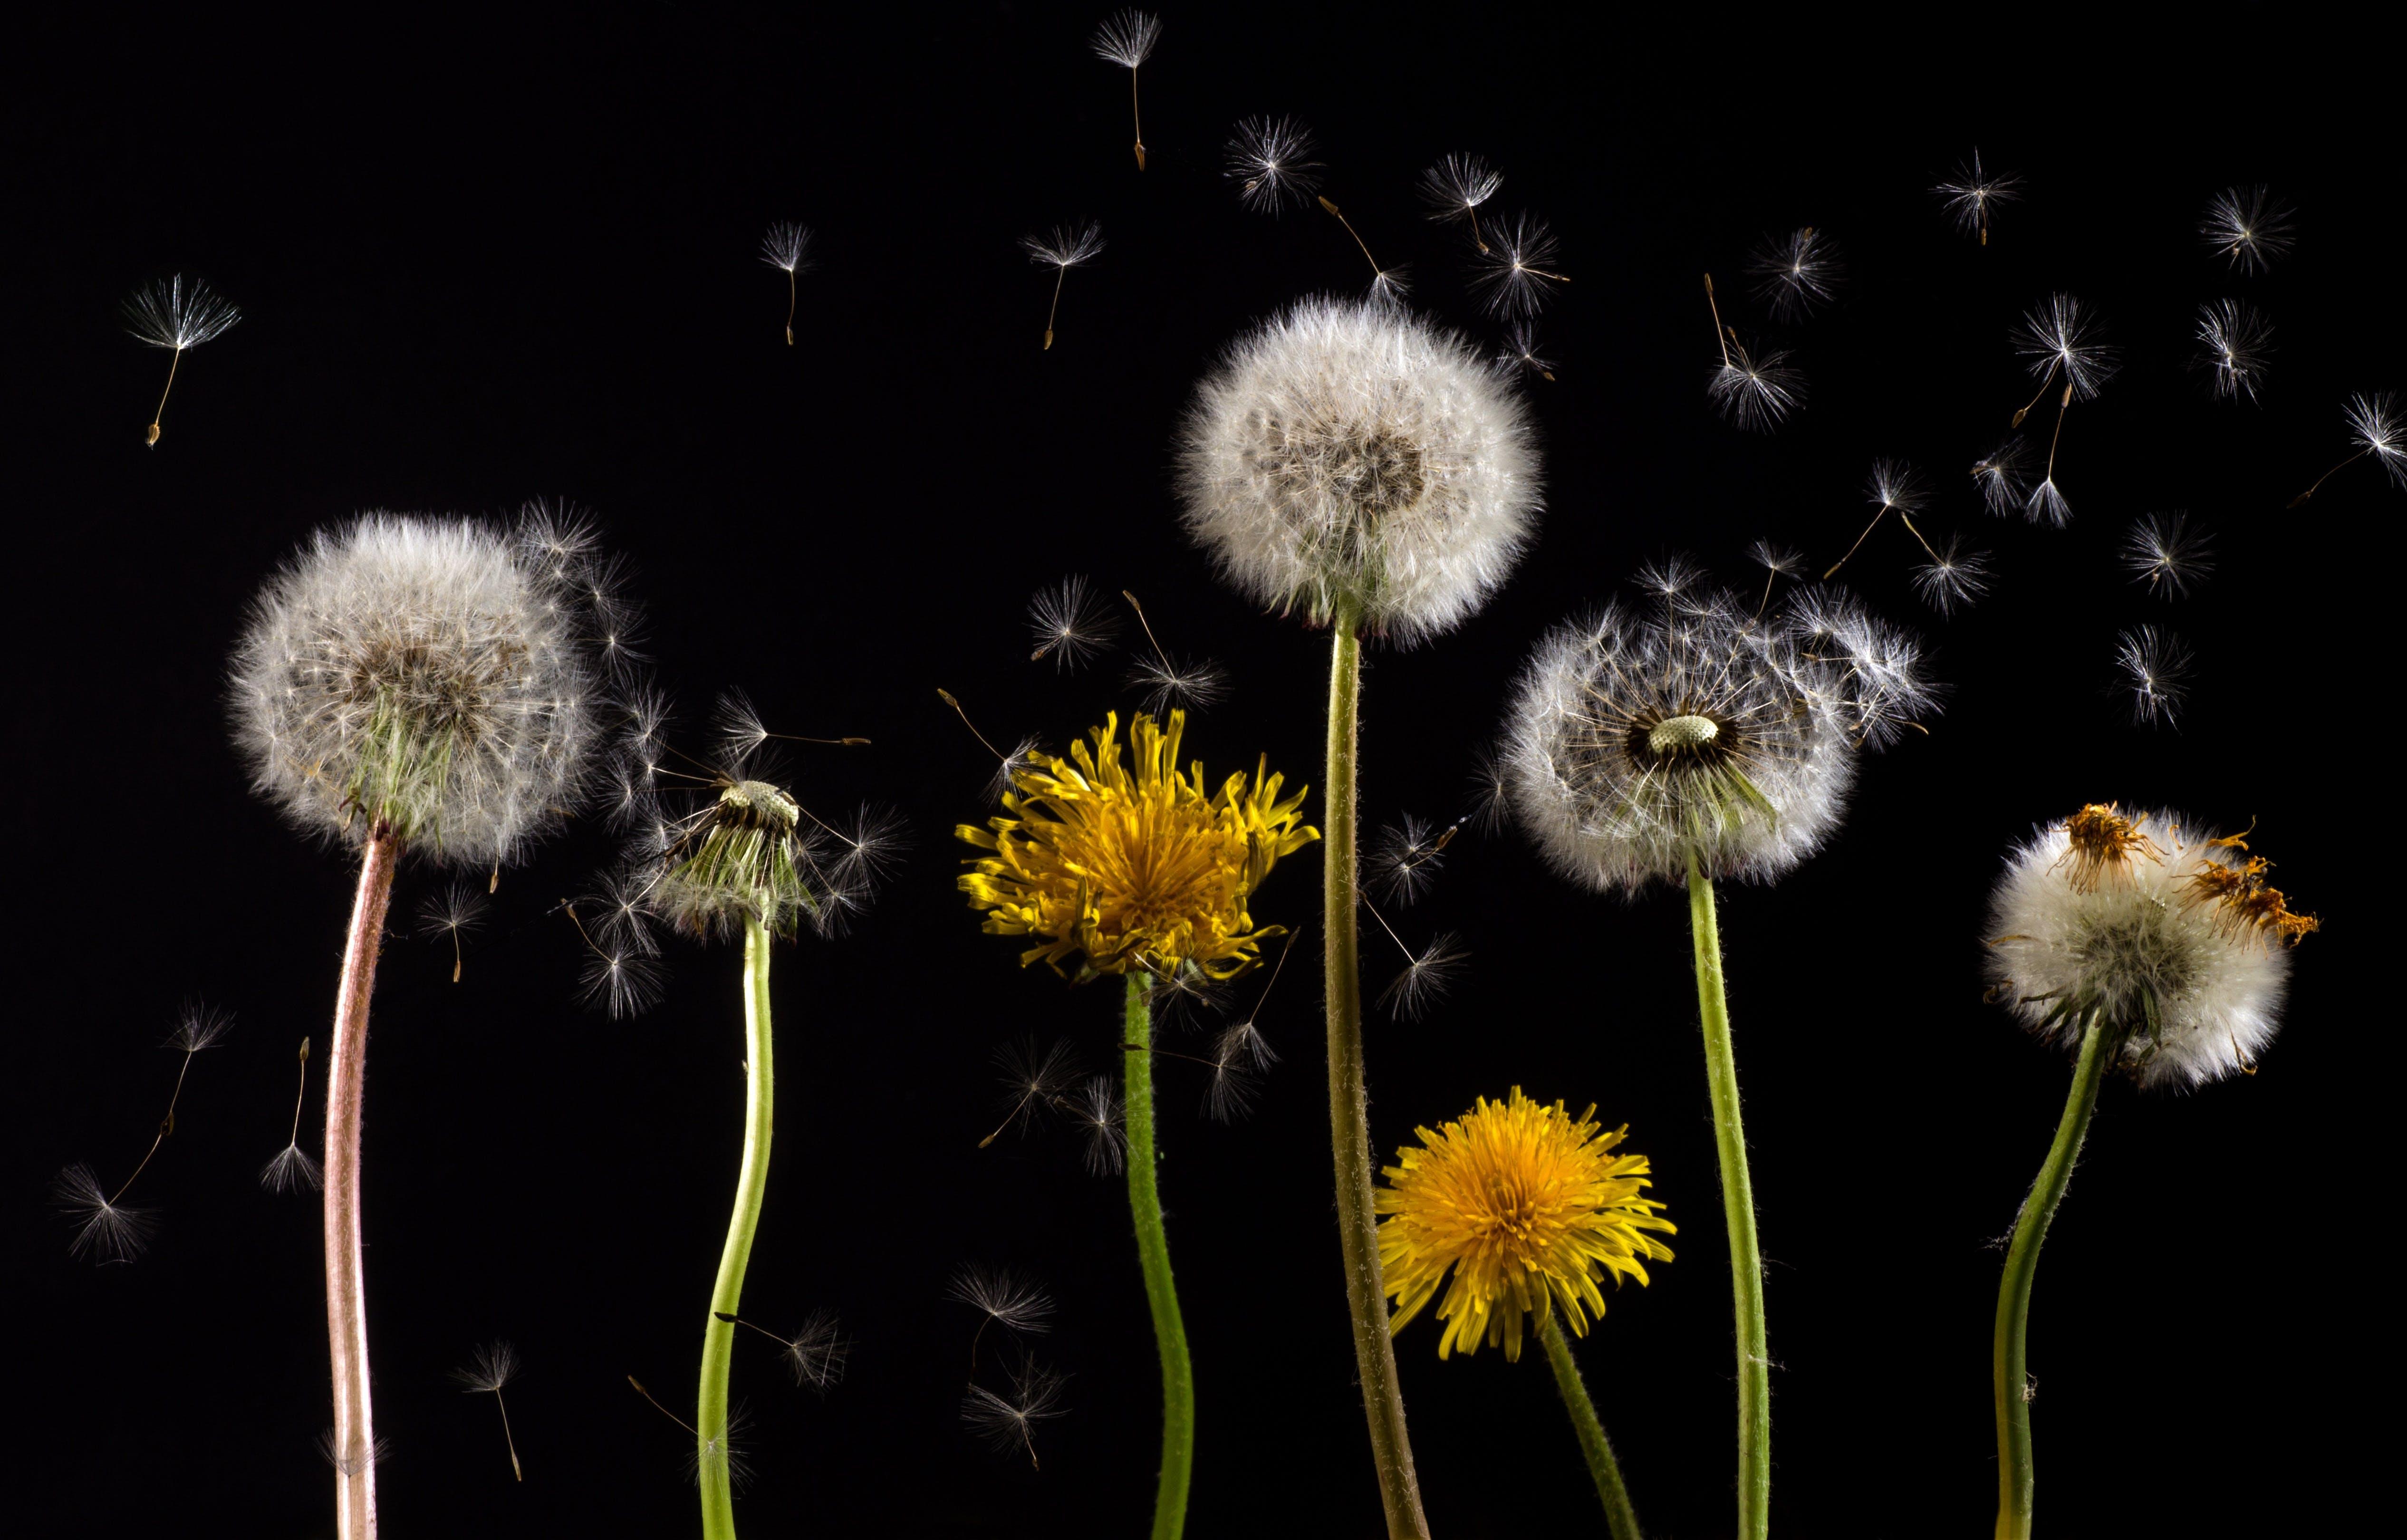 Kostenloses Stock Foto zu natur, blumen, pflanze, insekten